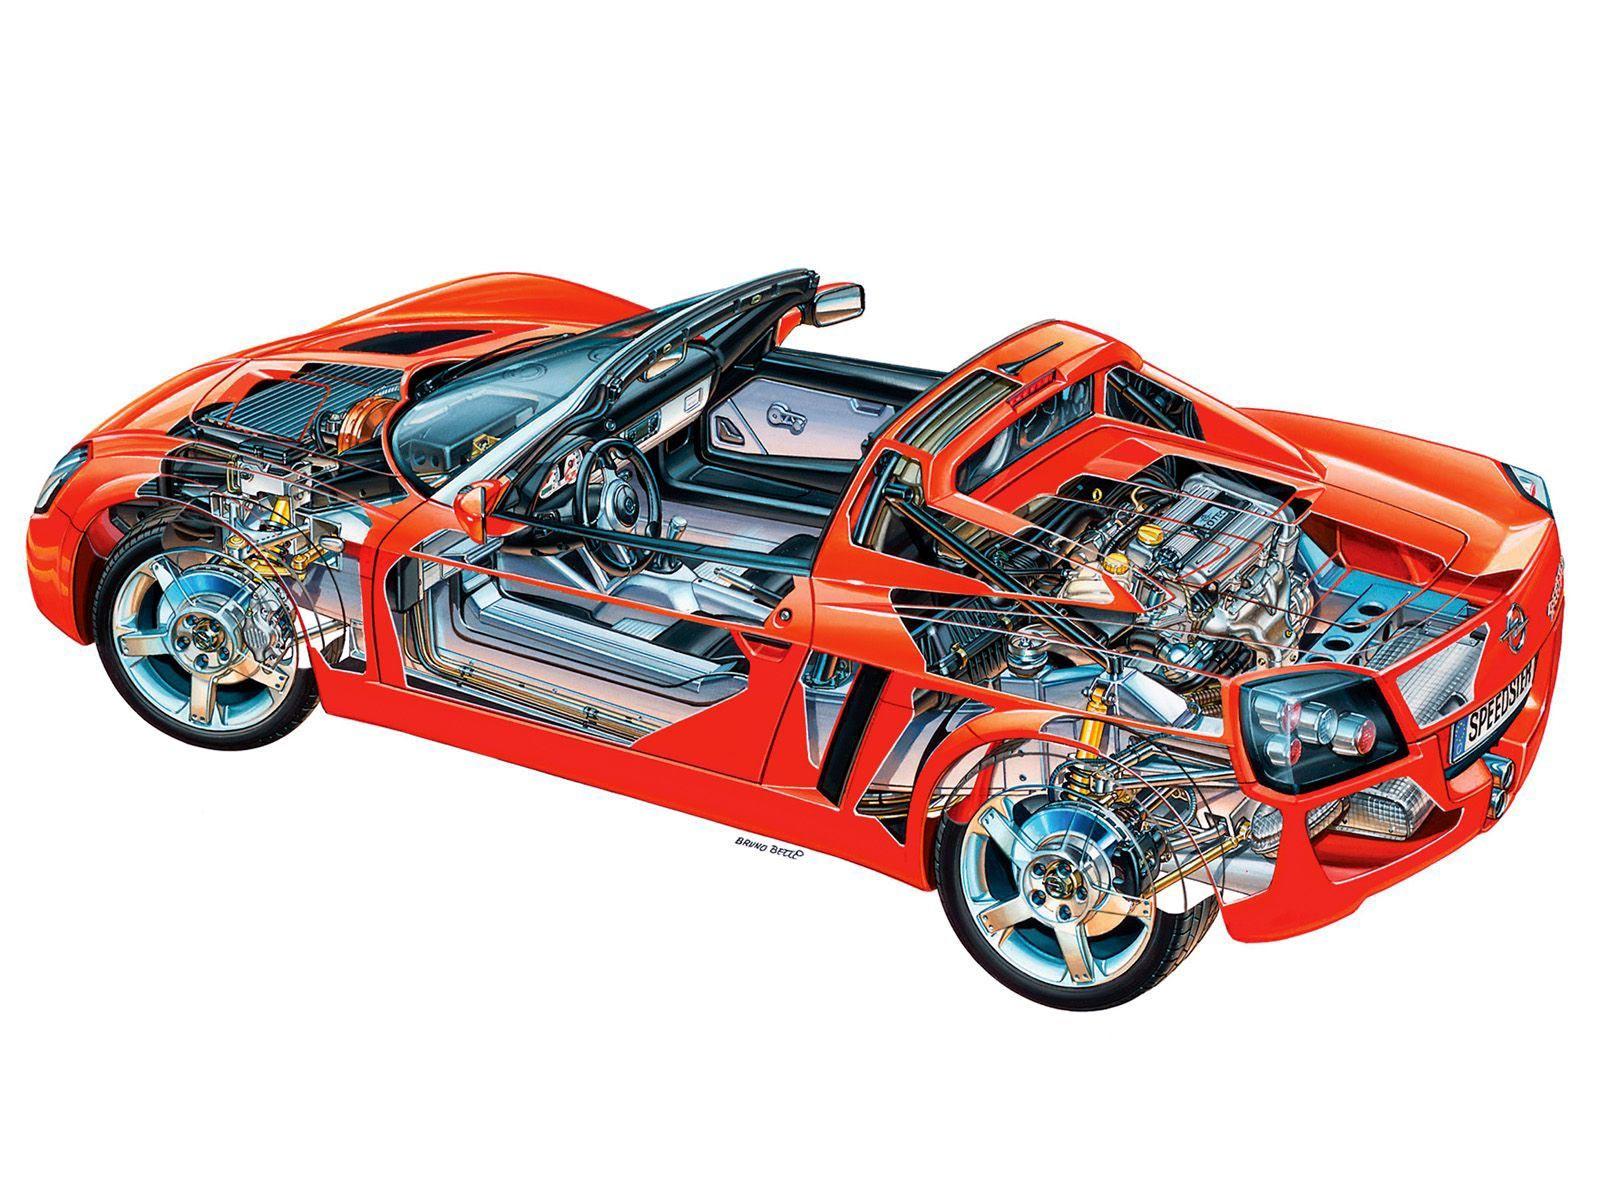 Opel Speedster cutaway drawing